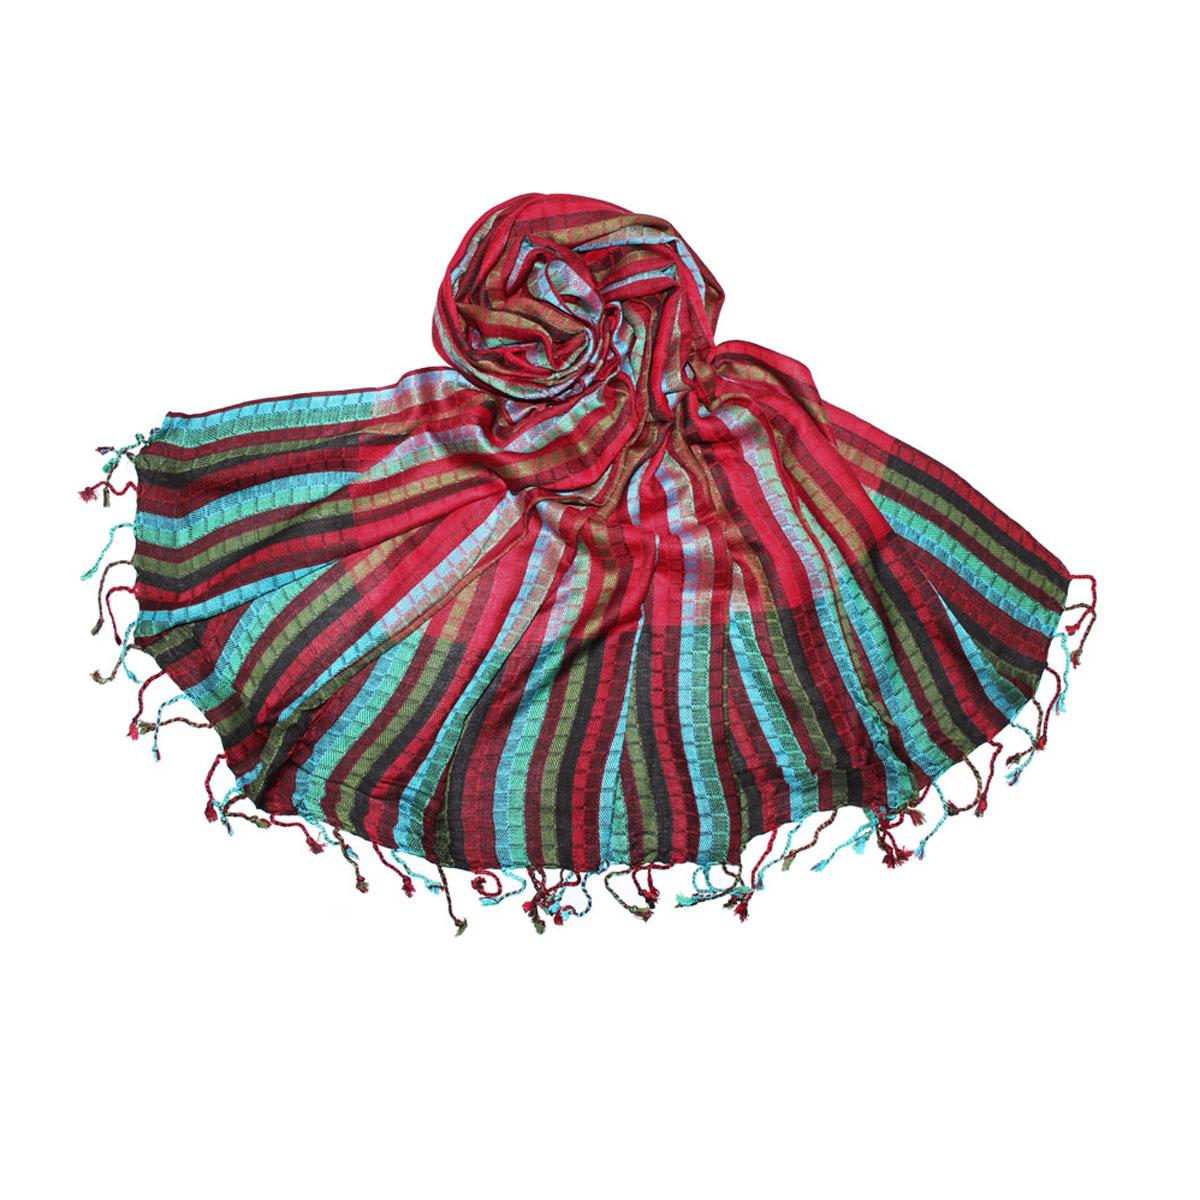 Палантин Ethnica, цвет: красный, зеленый, голубой. 443110н. Размер 70 см х 180